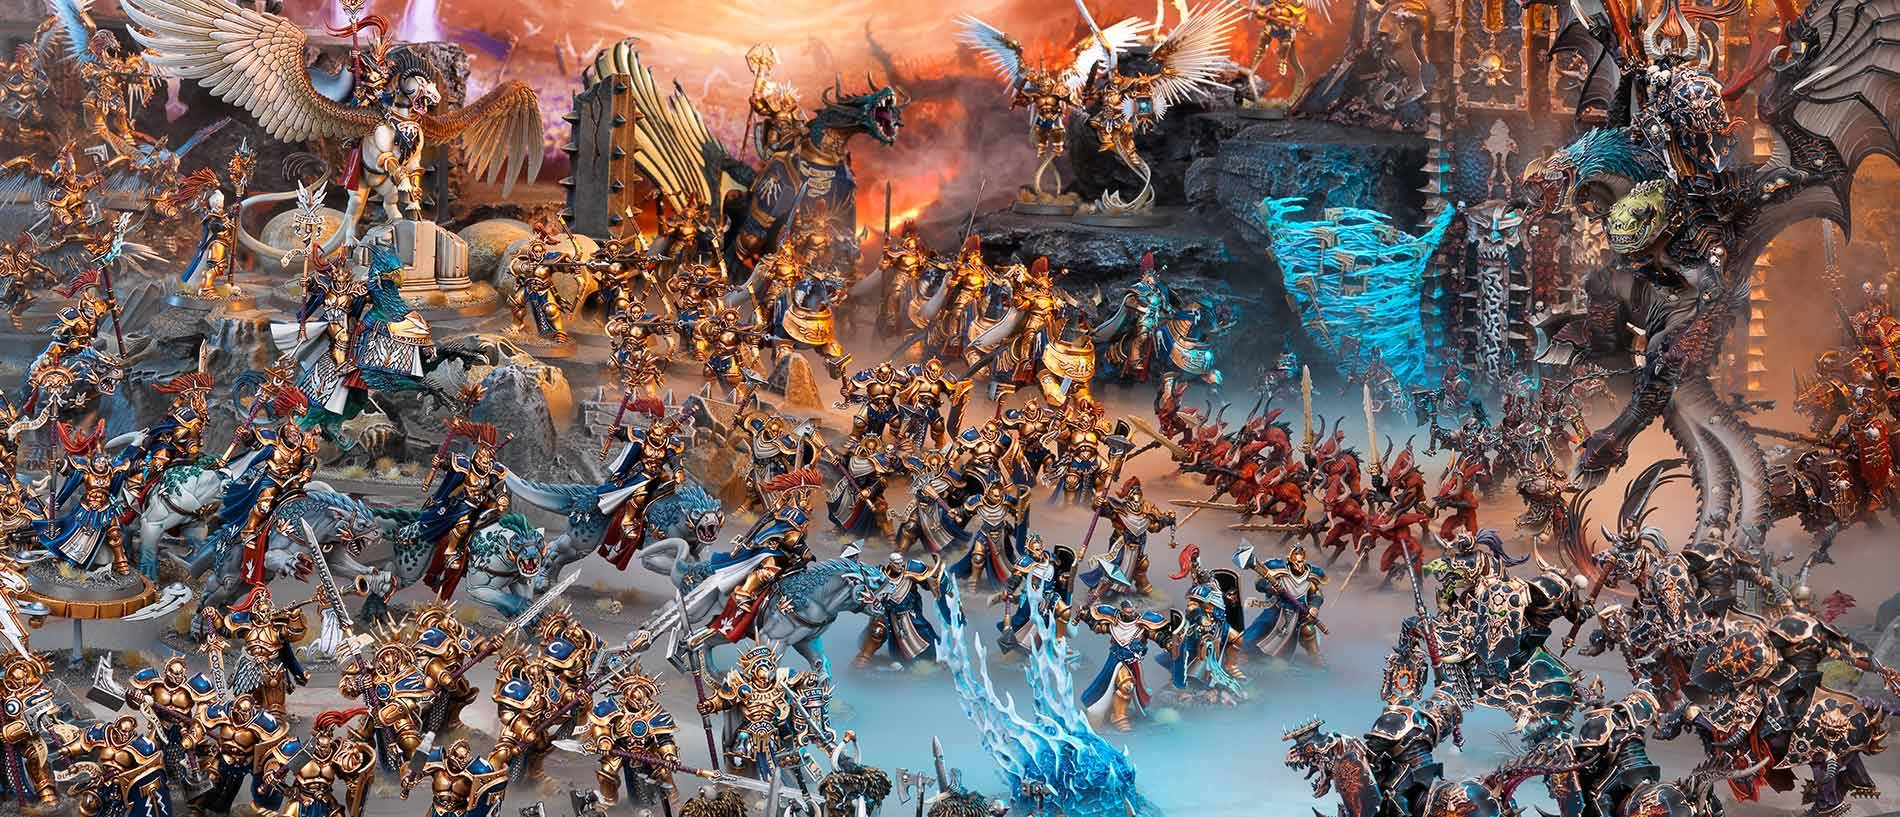 Warhammer fantasy_part 2_2